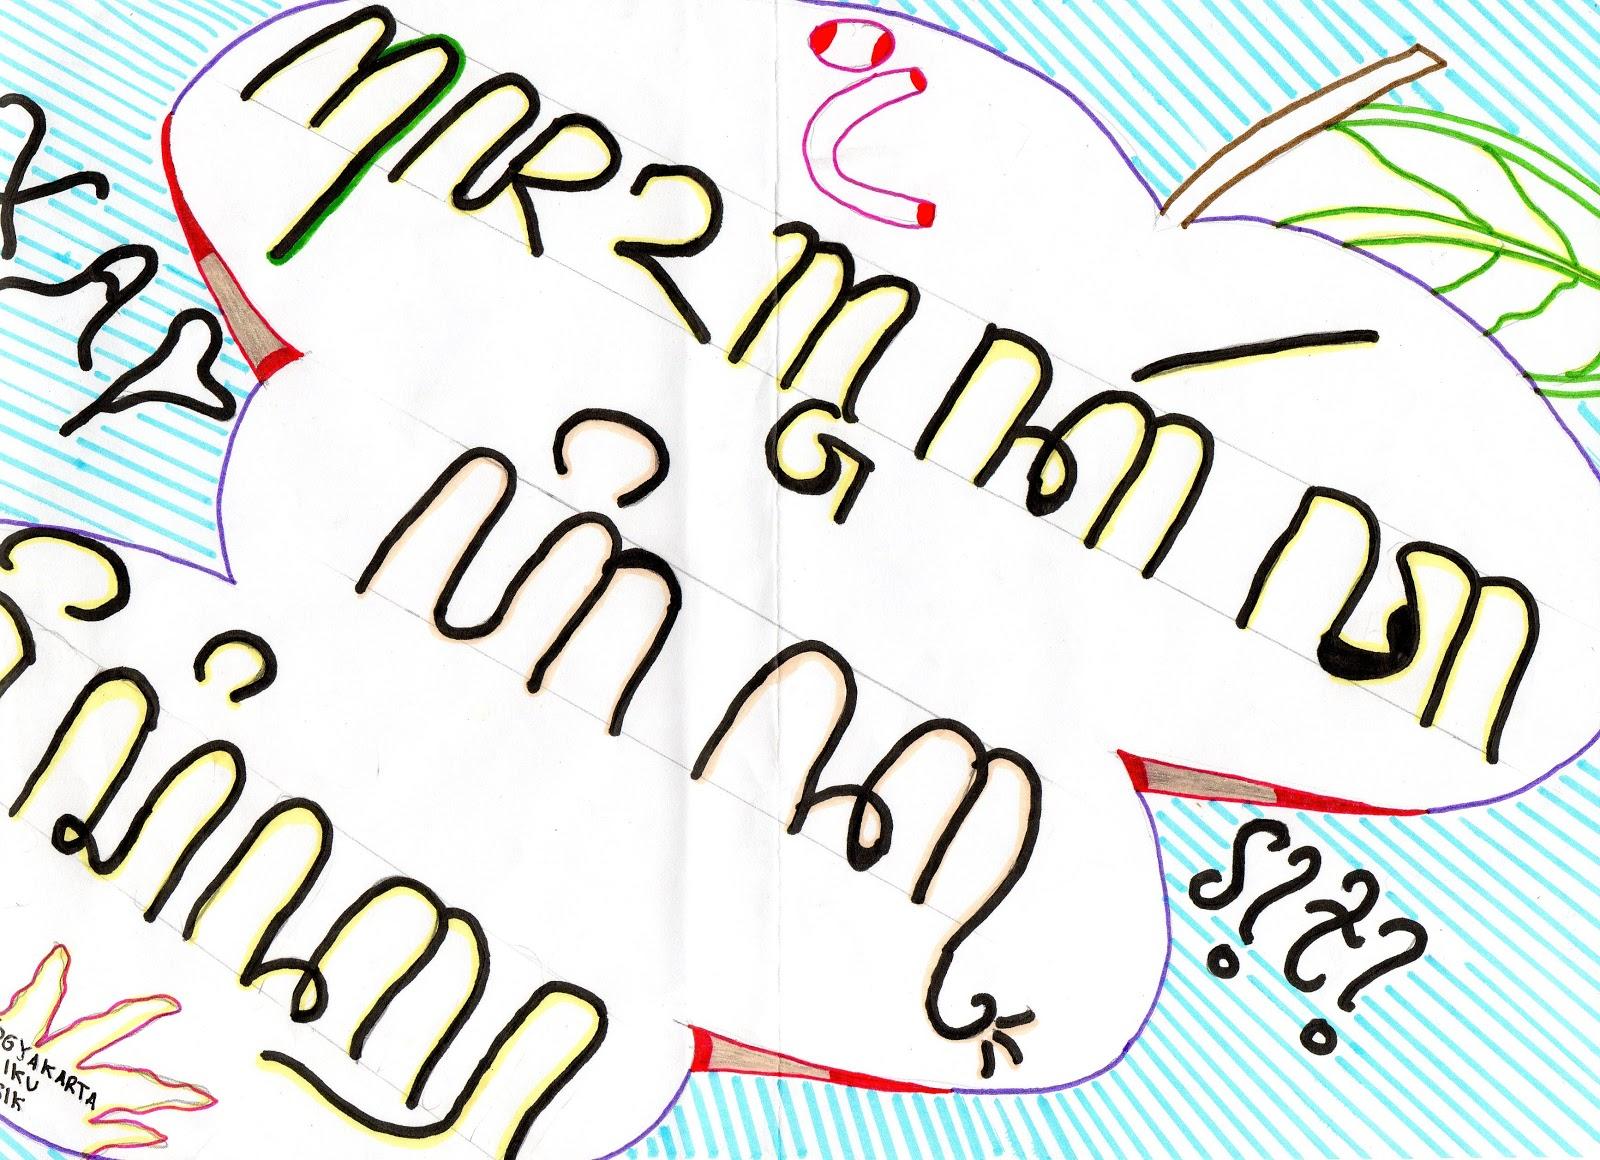 Kumpulan Kaligrafi Jawa Edusiana Com